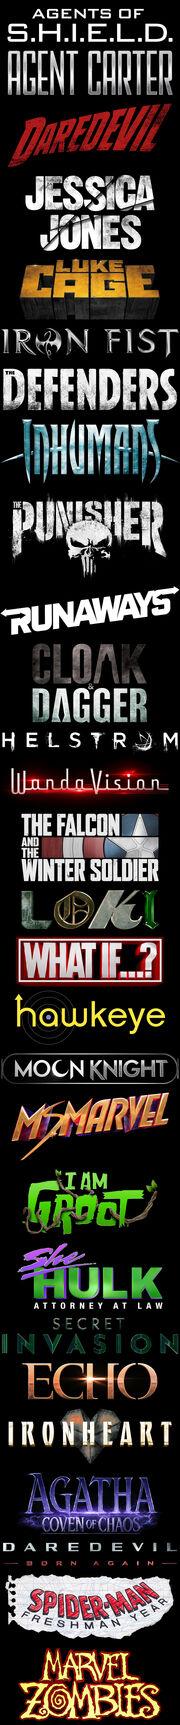 MCU TV Series Logos Update.jpg